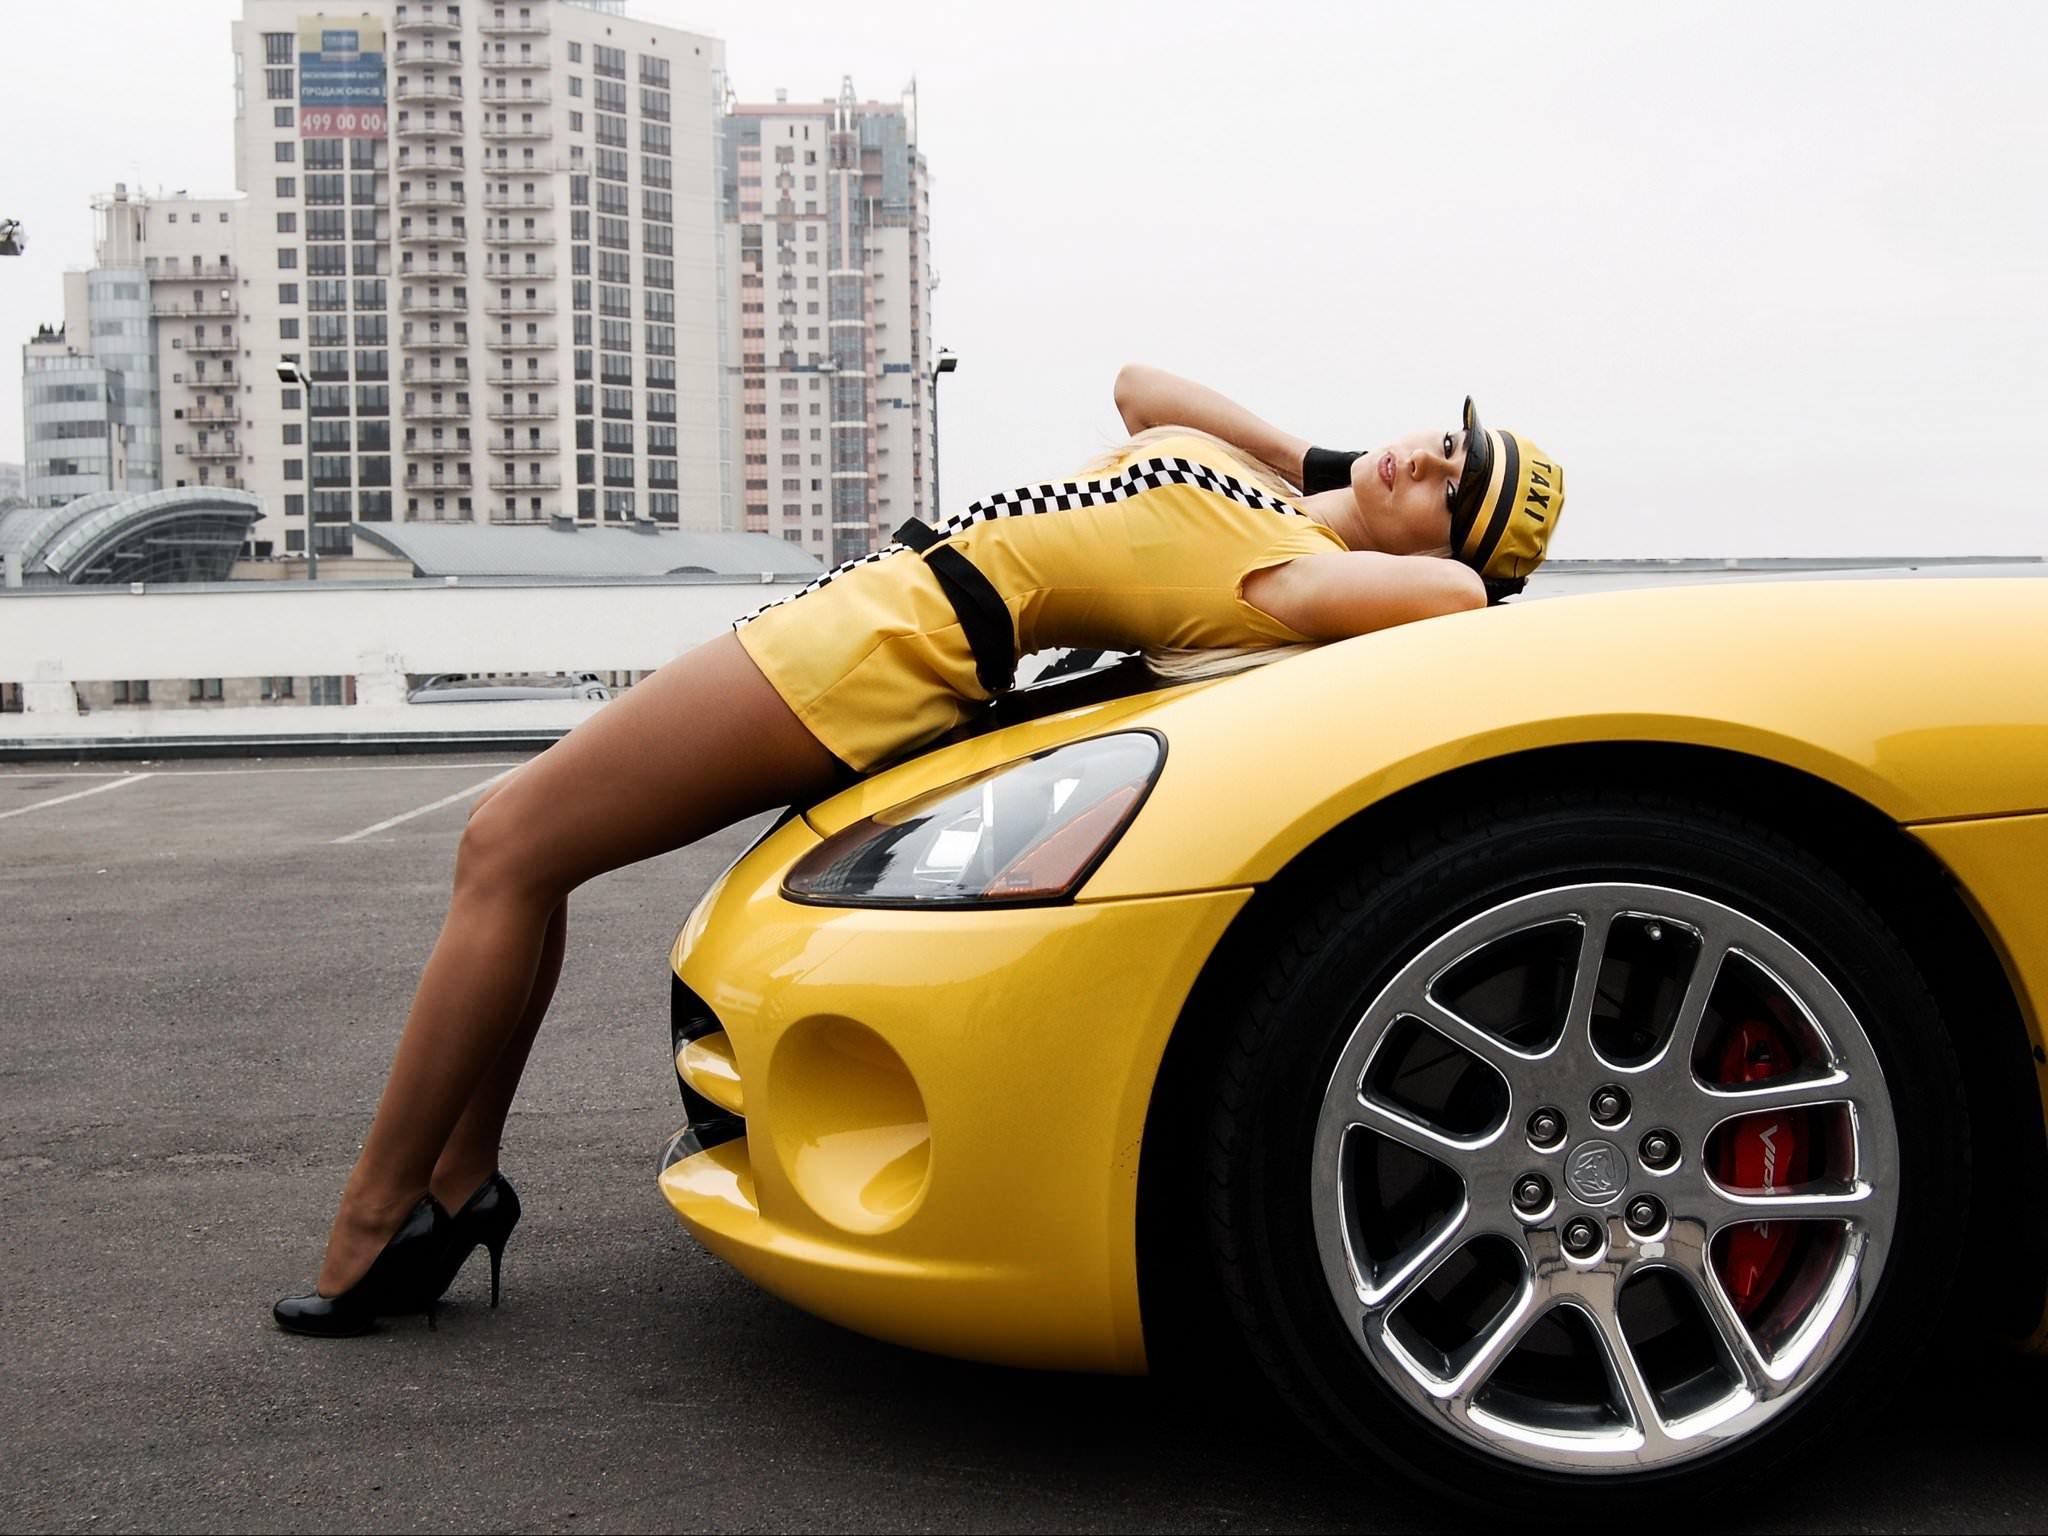 Фото Девушка в форме таксистки легла на капот желтого спортивного автомобиля. Taxi girl, yellow car, sexy legs, high heels, city, girl on a cowl, скачать картинку бесплатно